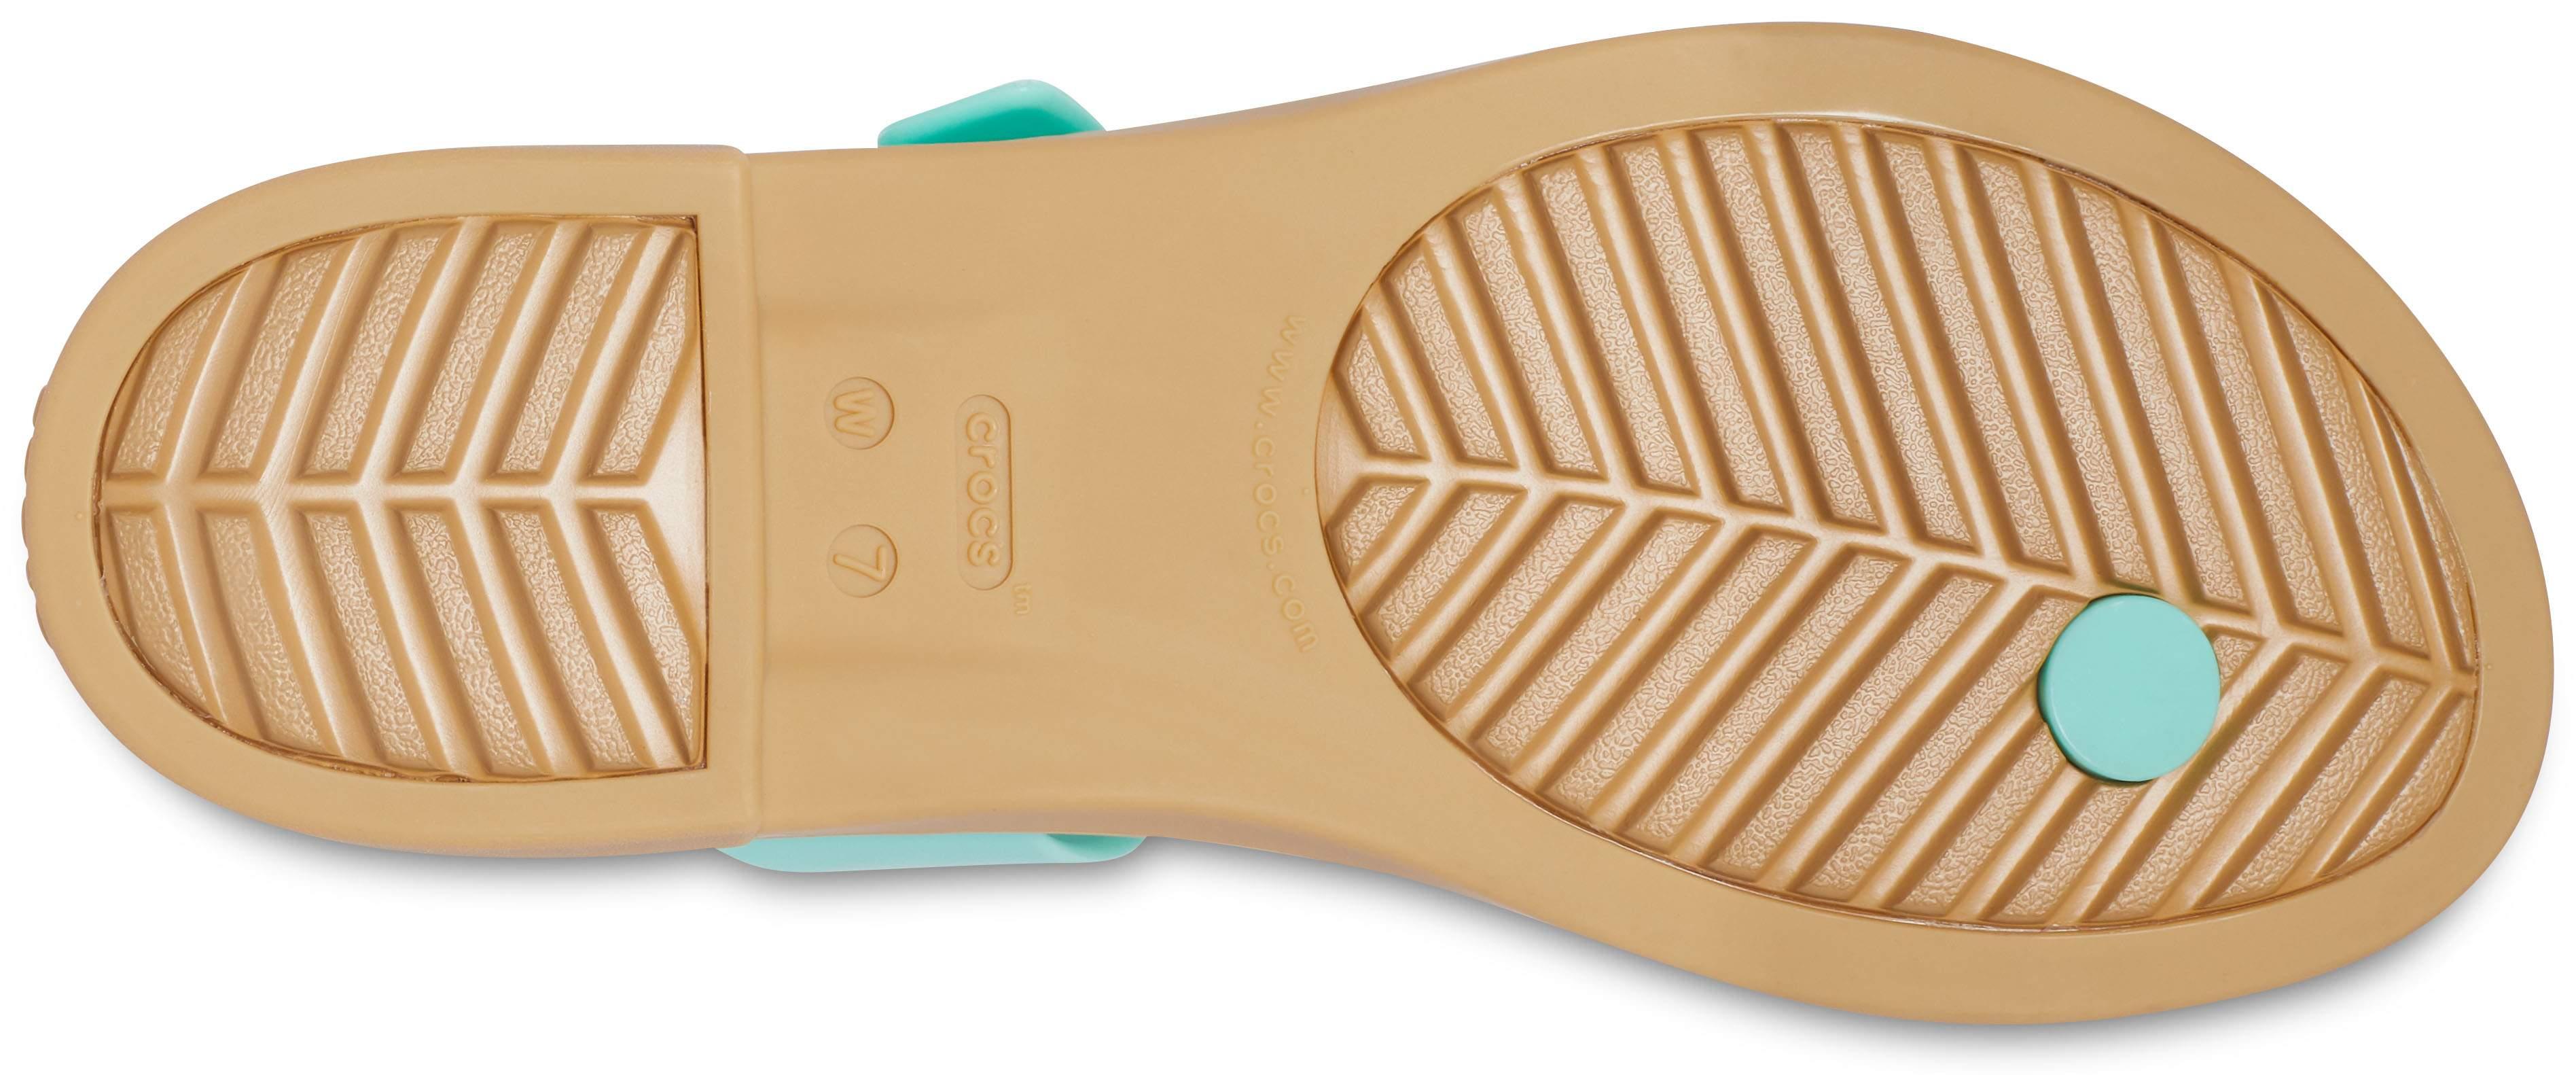 Chmlns Tns Weave Flp Details about  /Girls Crocs Toe Post Sandals